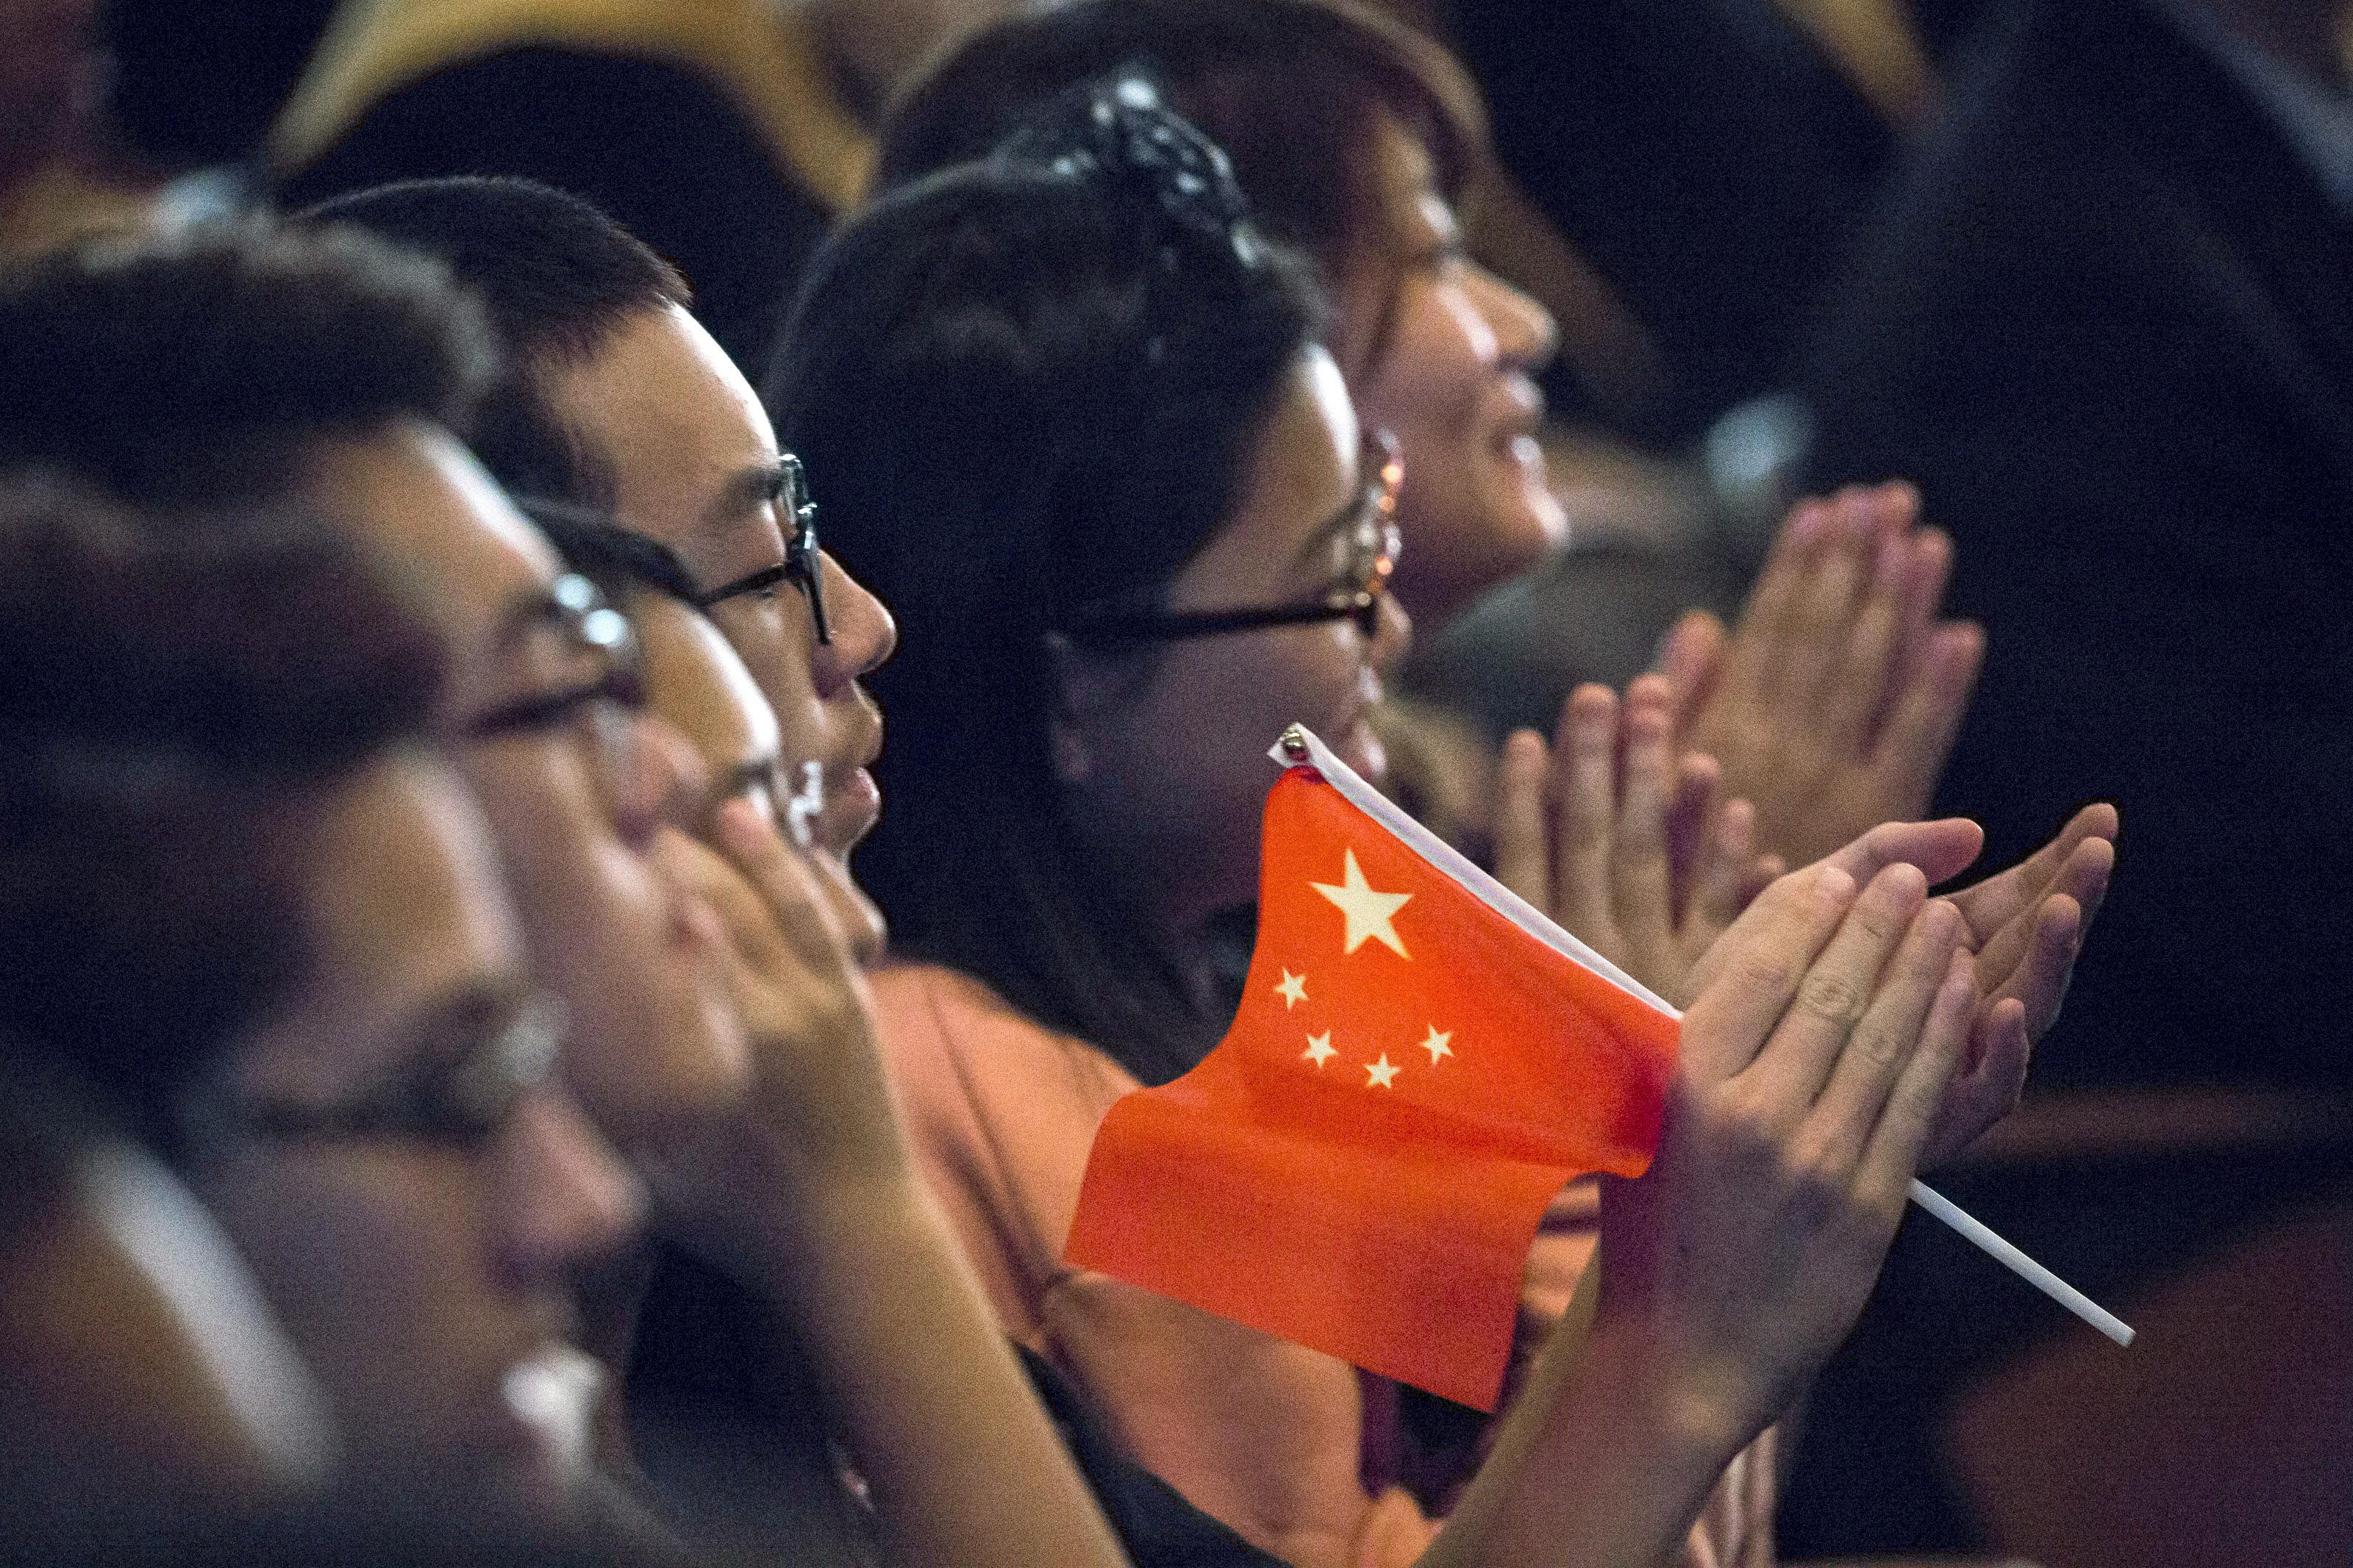 """Espionnage: la Chine appelle à réfléchir aux """"risques"""" avant d'aller étudier aux États-Unis"""